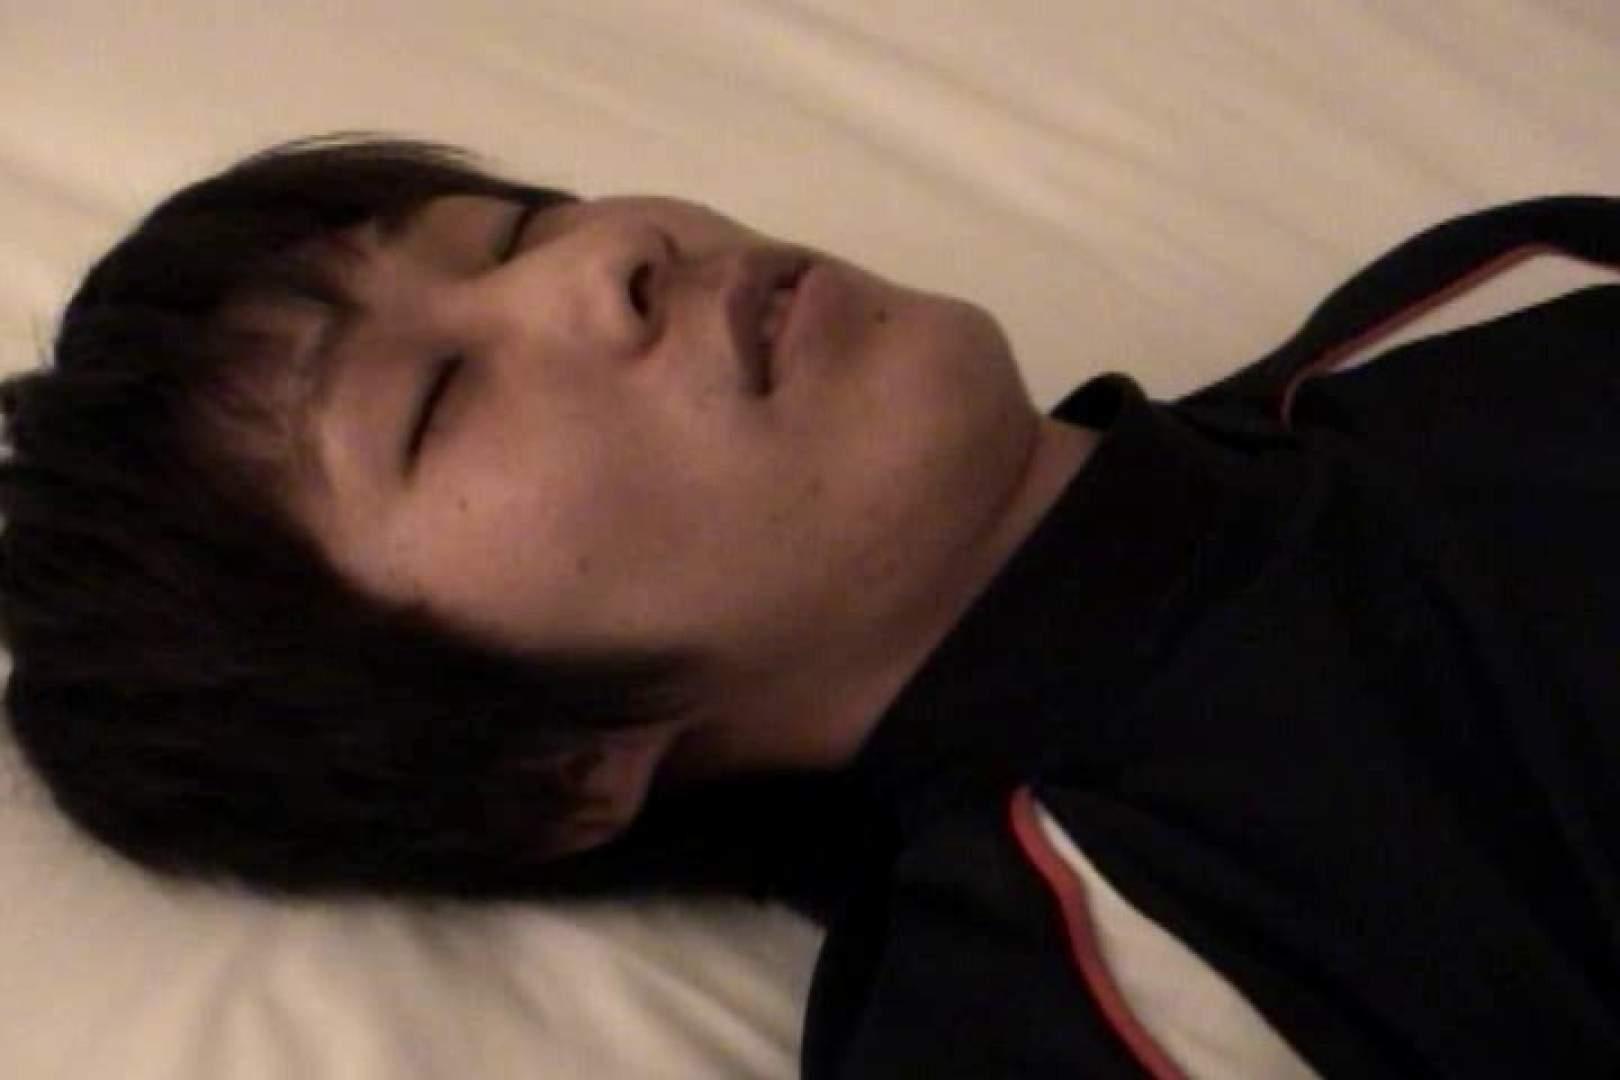 三ツ星シリーズ 魅惑のMemorial Night!! vol.01 ハメ撮り ゲイエロビデオ画像 67枚 64